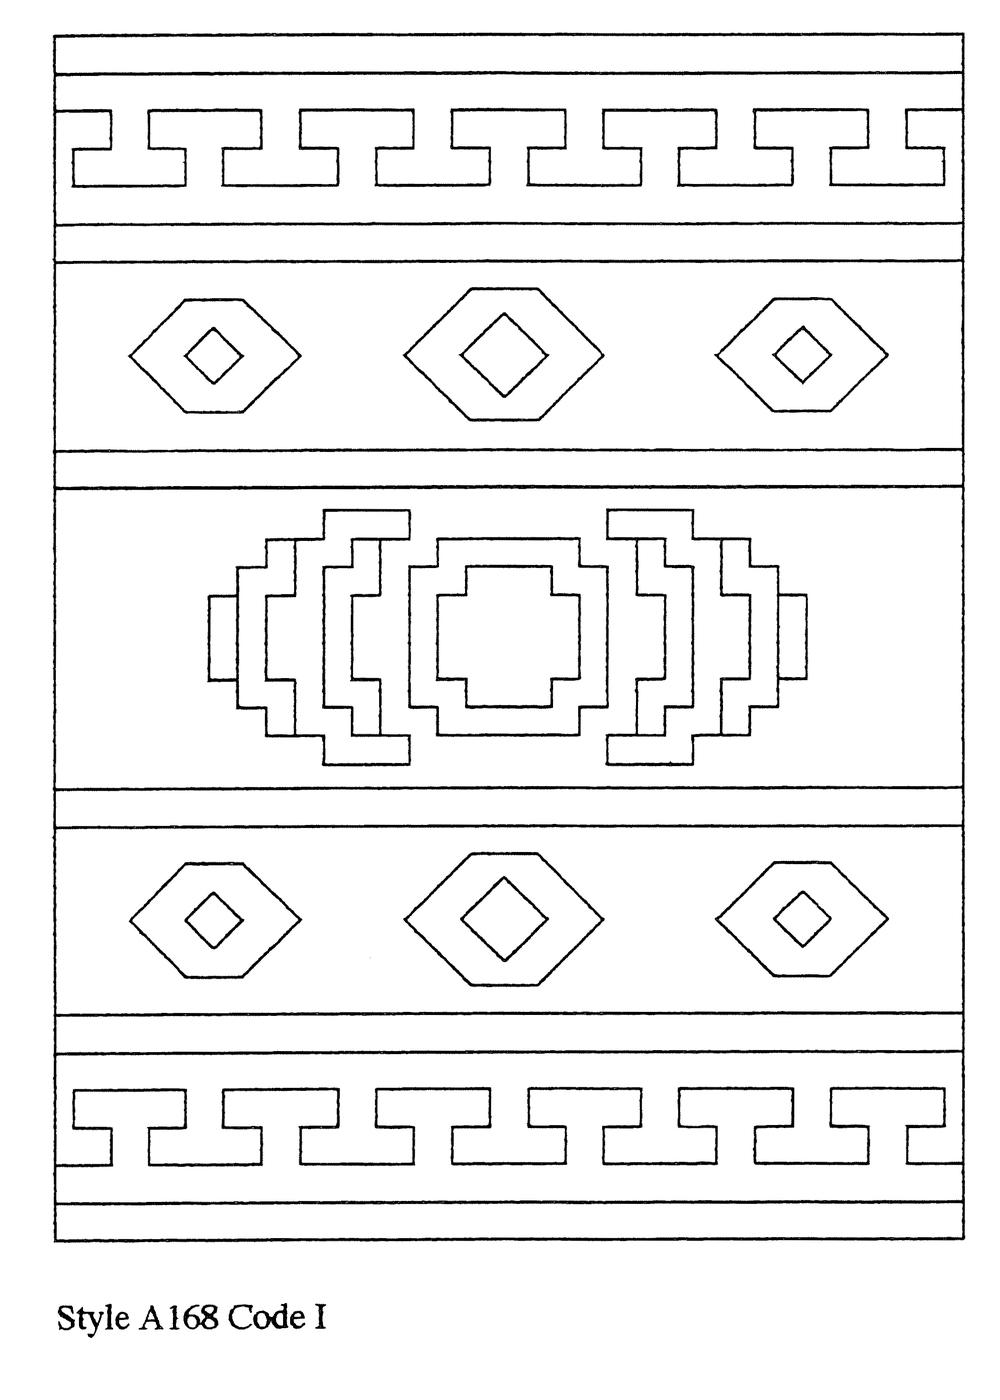 P3-A168.jpg